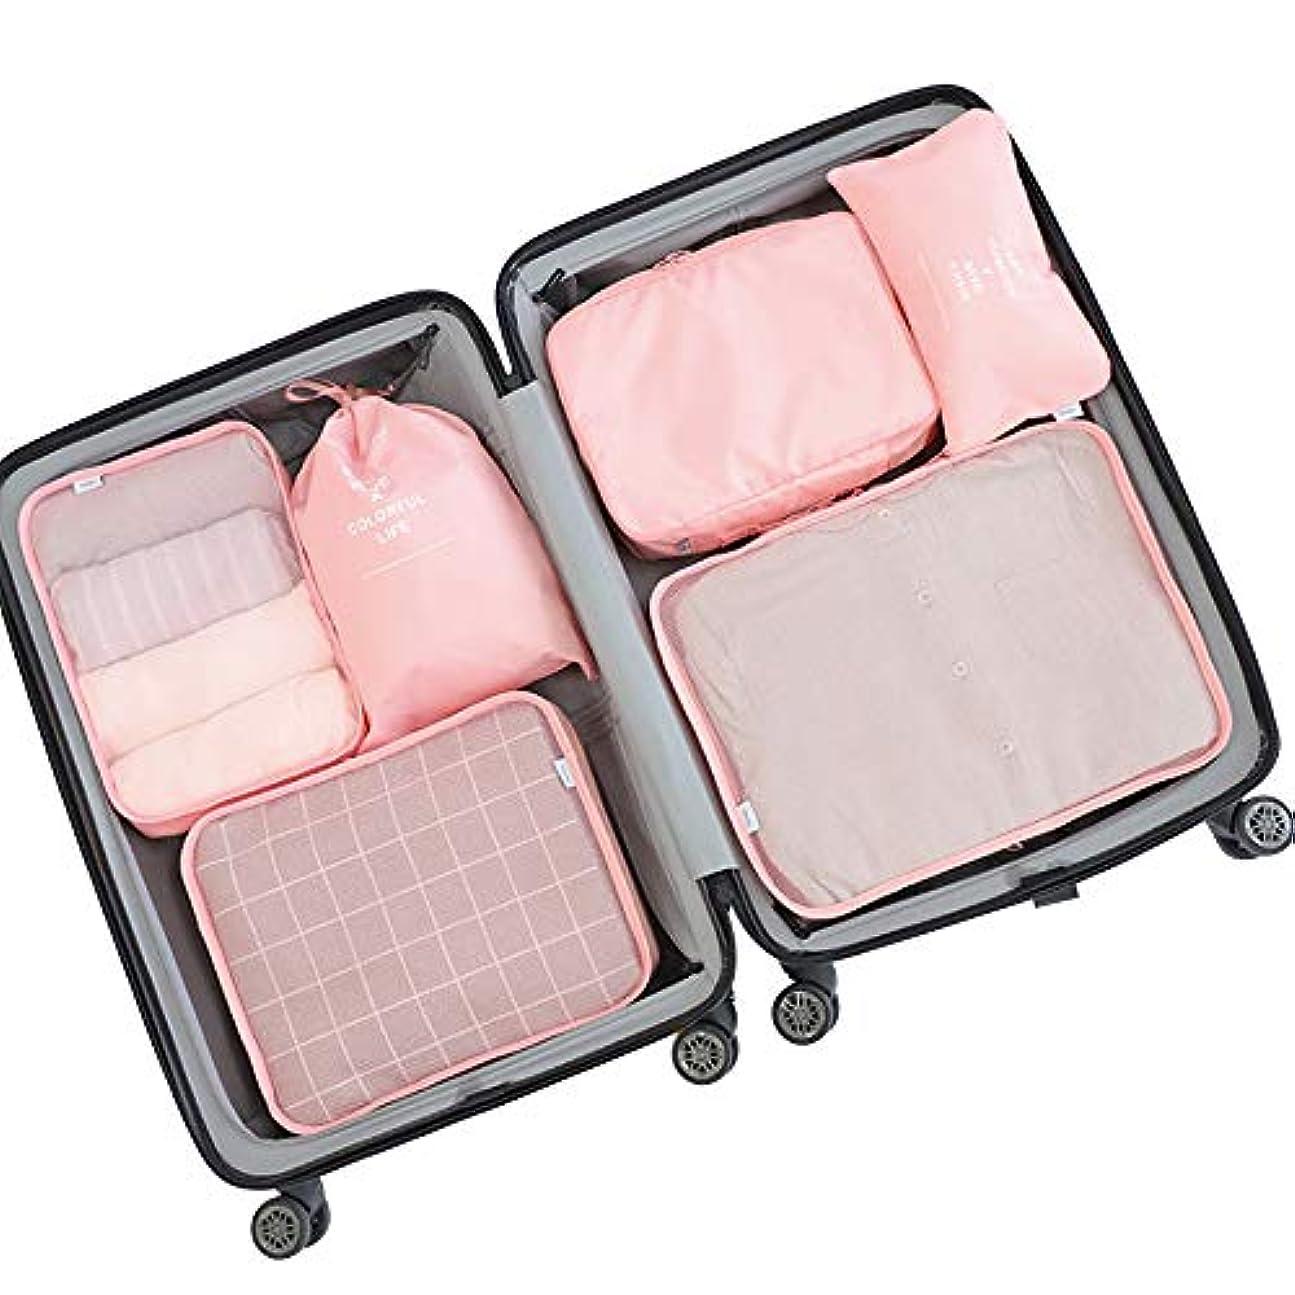 有効設置新しい意味トラベルポーチ 6点セット 収納ポーチ 旅行用 衣類 バッグ ケース 化粧ポーチ メンズ 大容量 防水